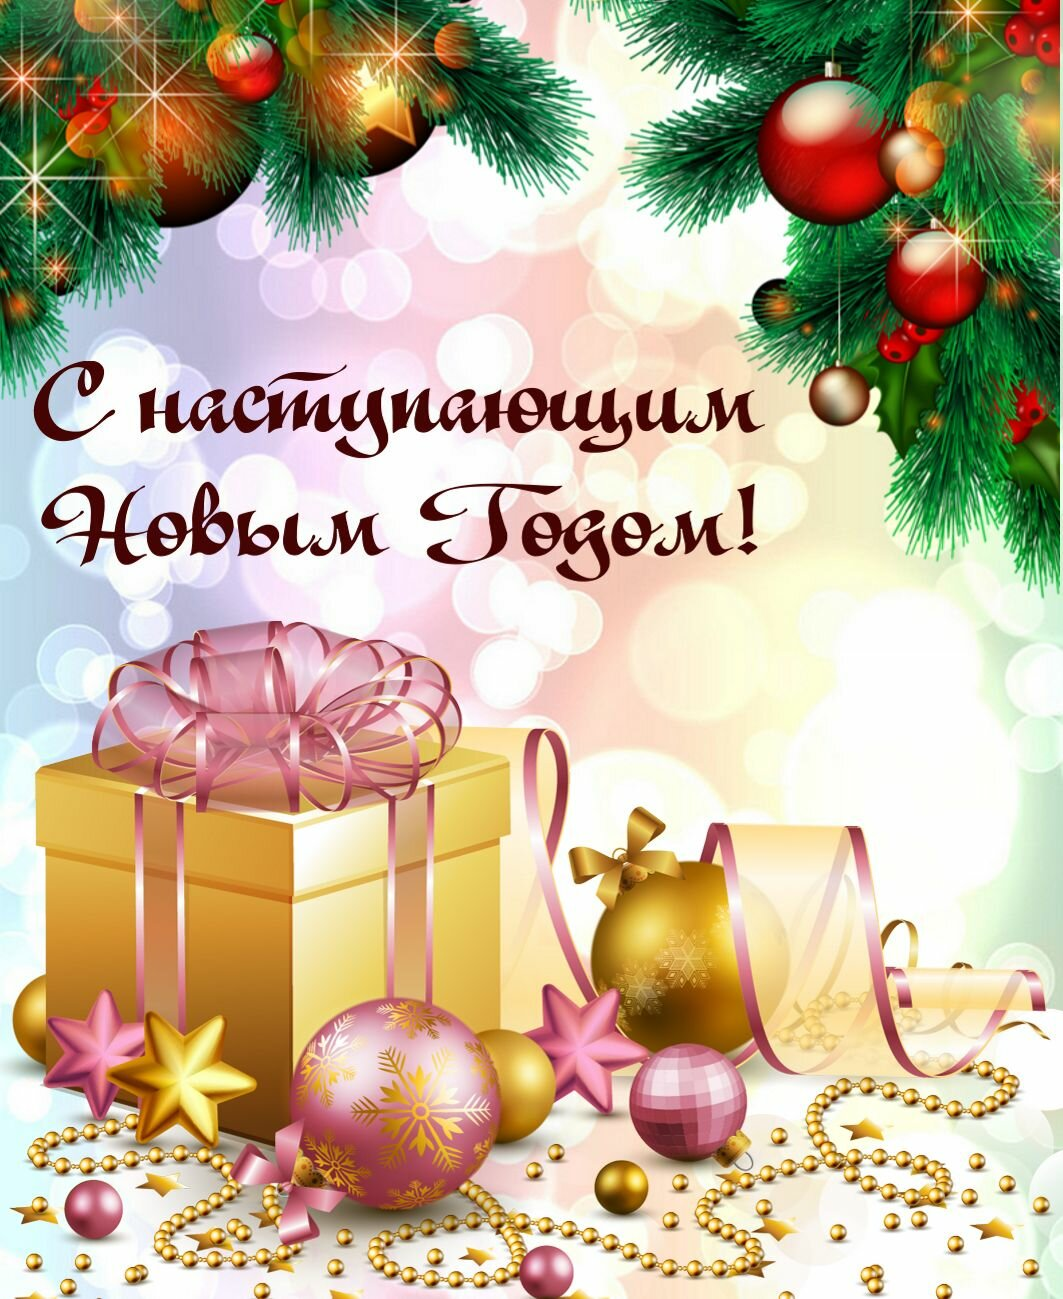 Открытки с поздравления с наступающим новым годом 2019